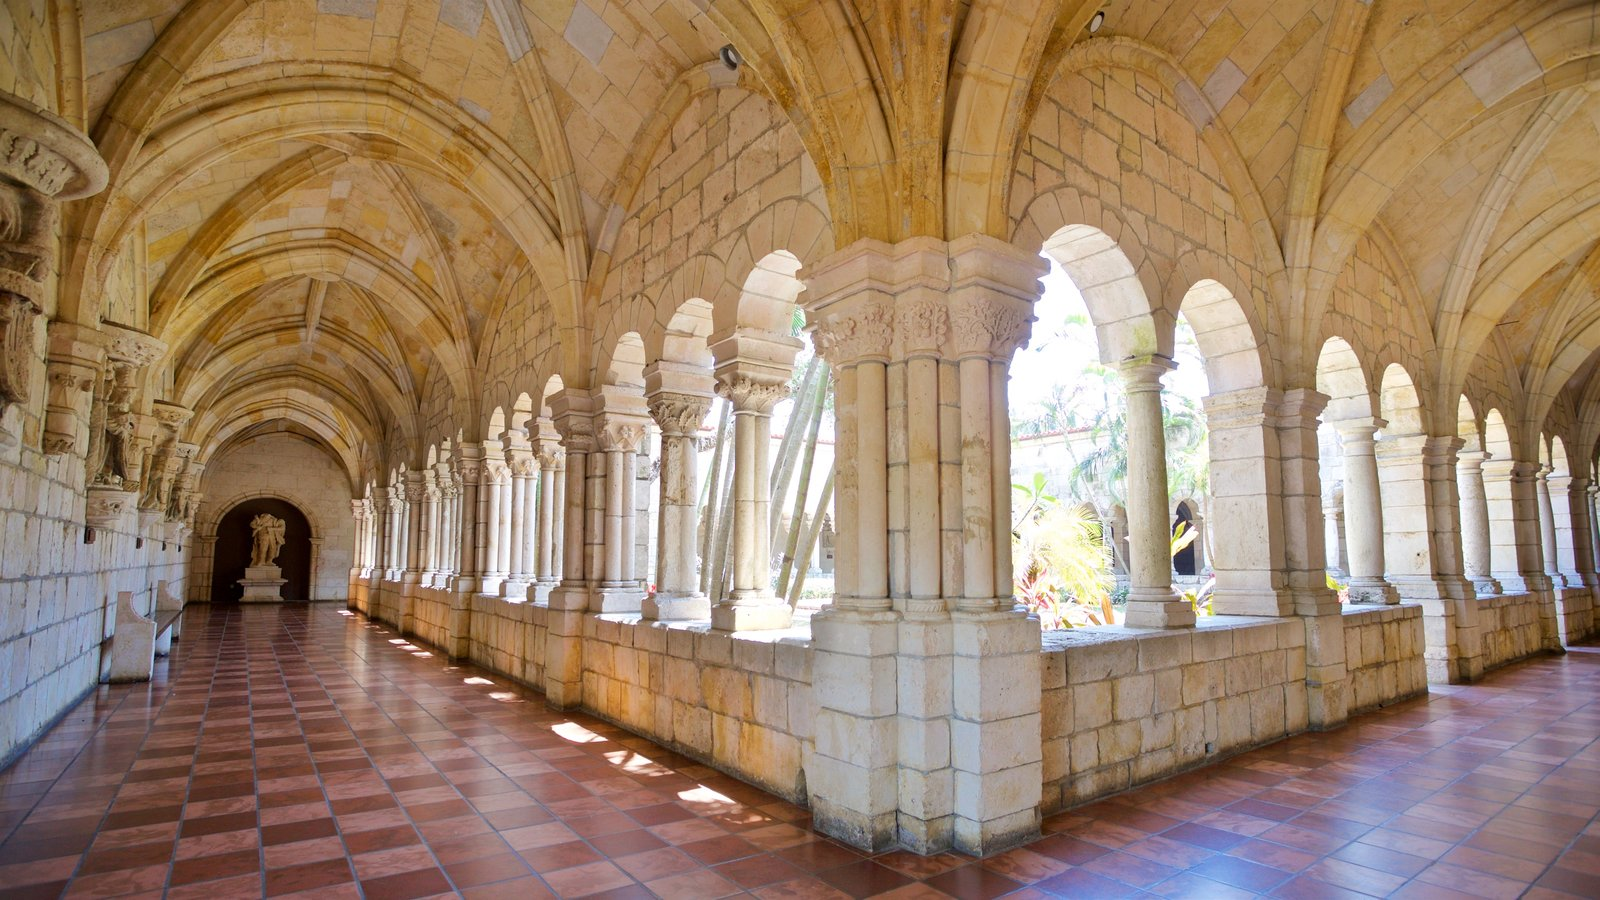 Antigo Mosteiro Espanhol que inclui vistas internas e elementos de patrimônio